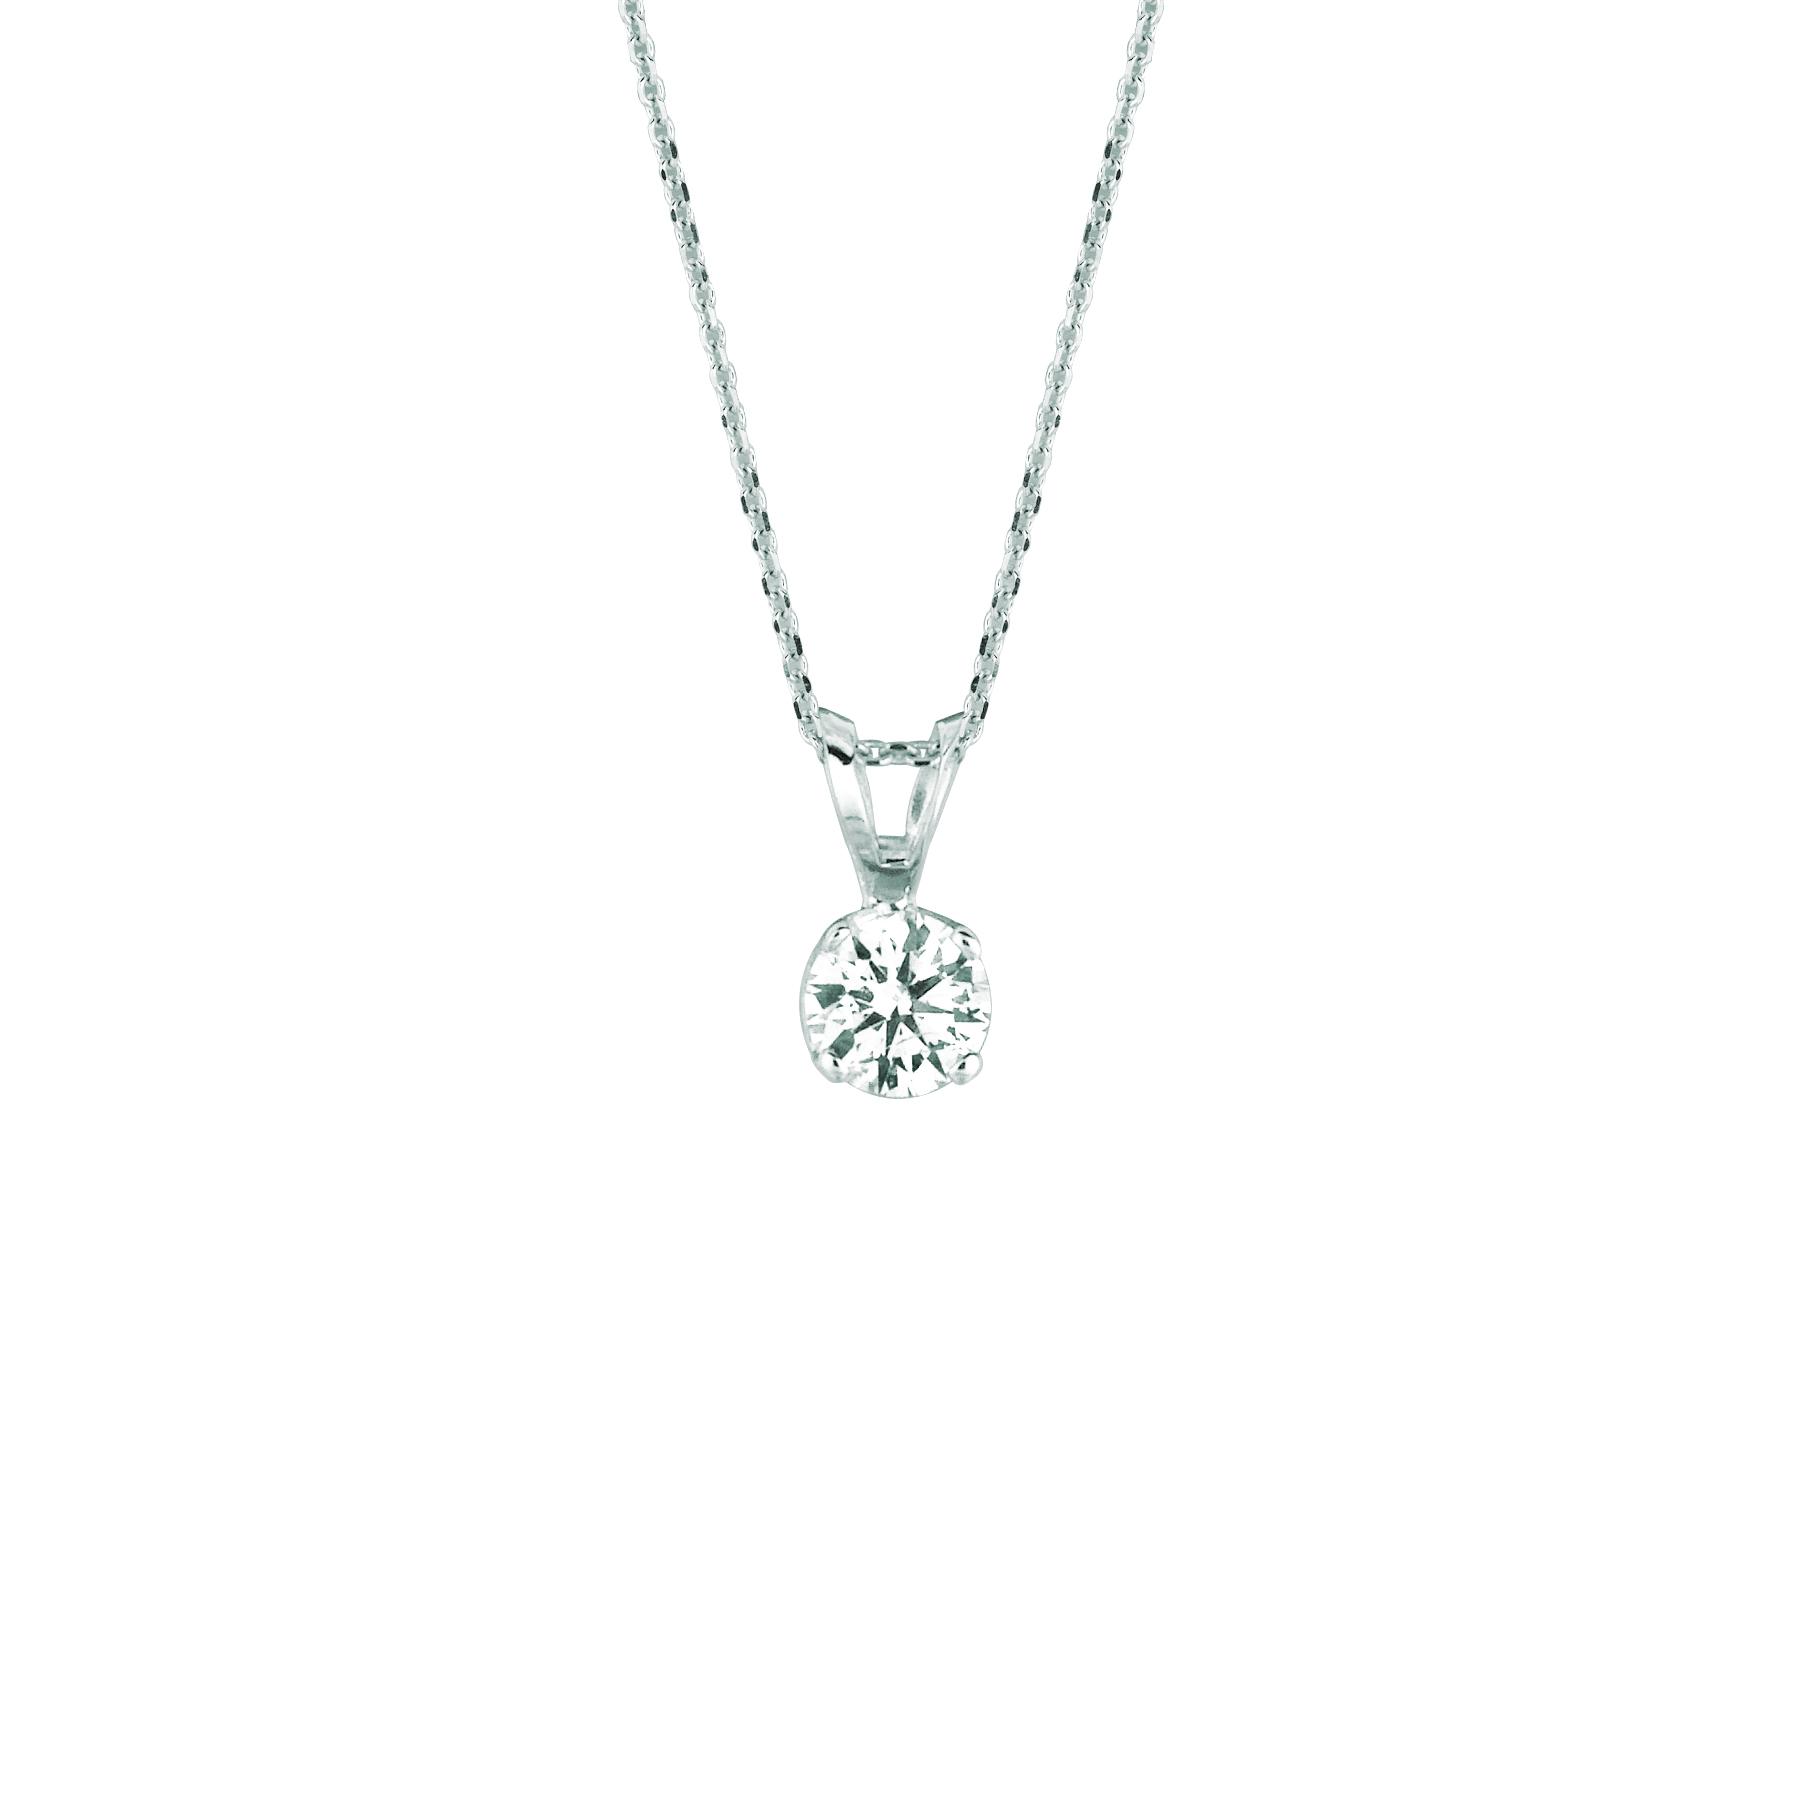 25 pointer diamond necklace. Price: $699.33